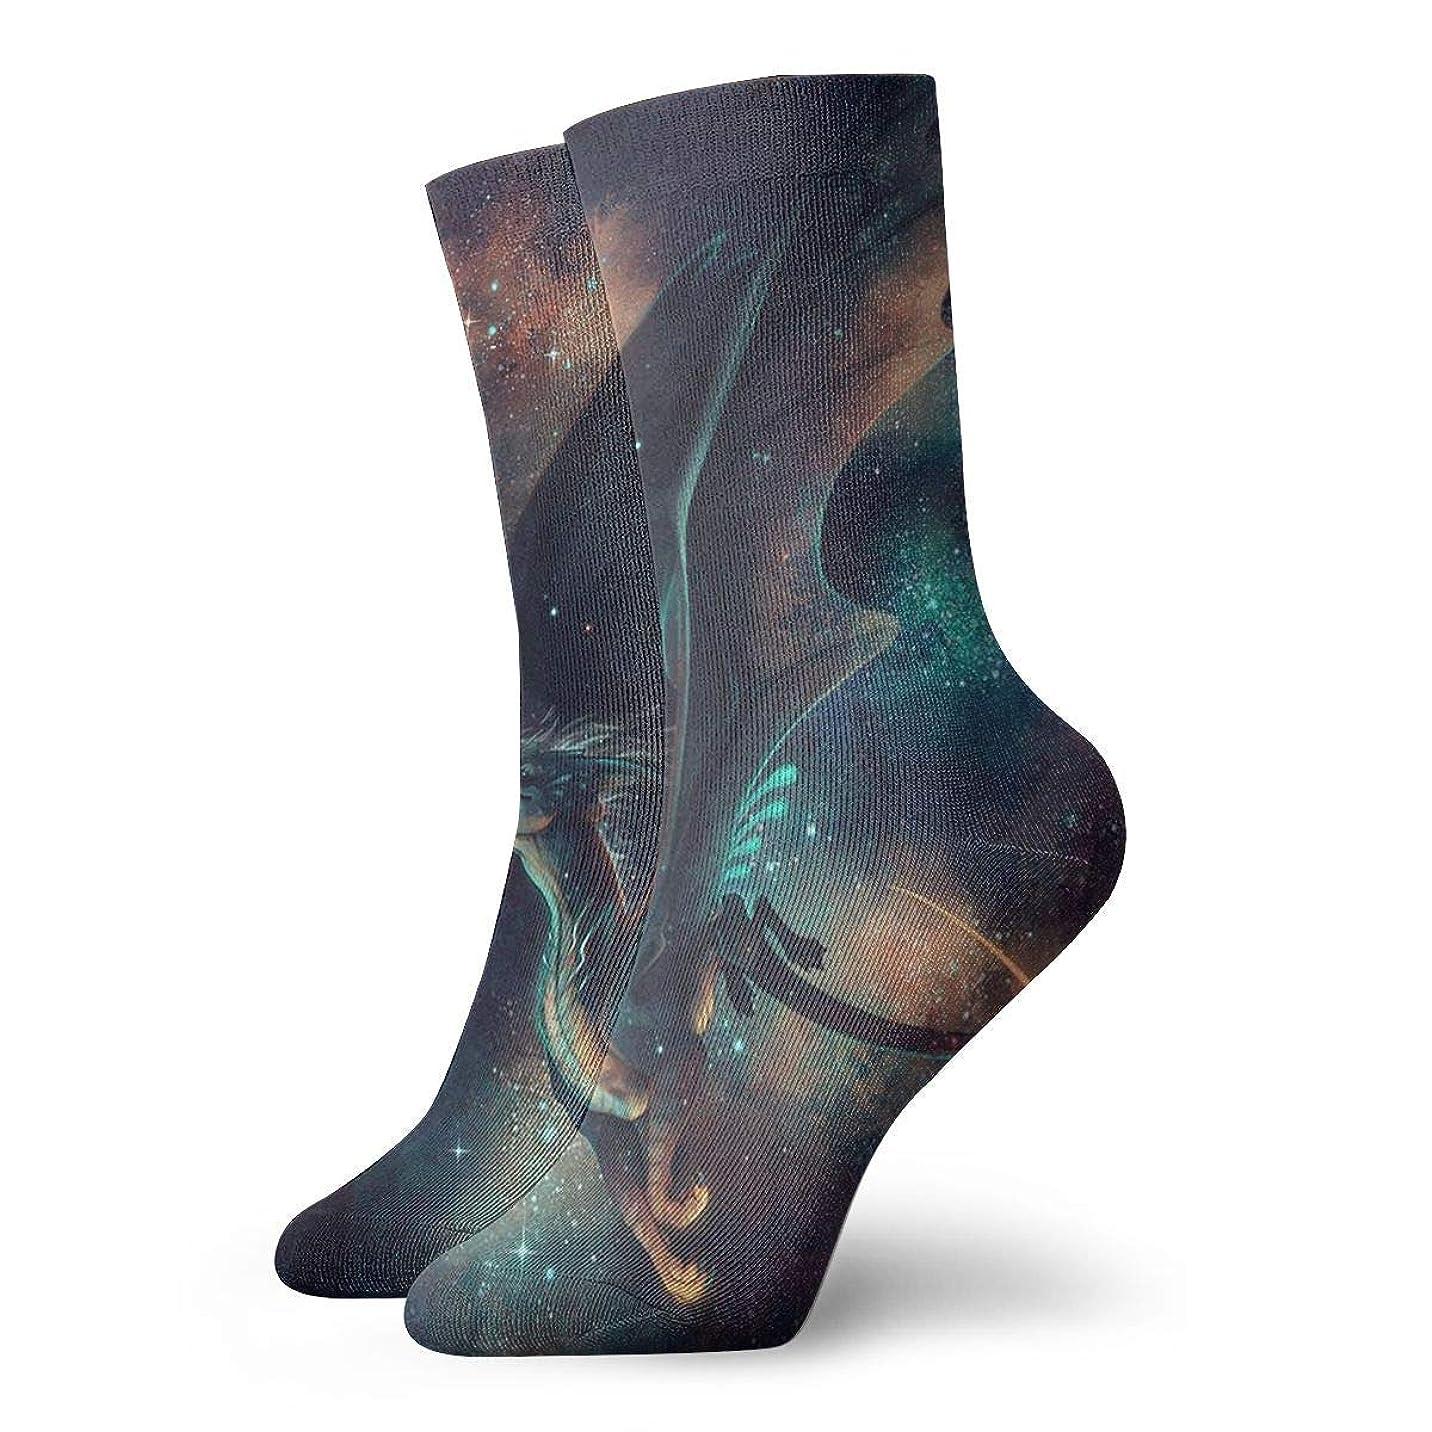 記者広く薄めるQrriyクリスマス靴下銀河ドラゴン非スリップ家庭床ソックス冬居心地の良い冬の男性用靴下ソックス